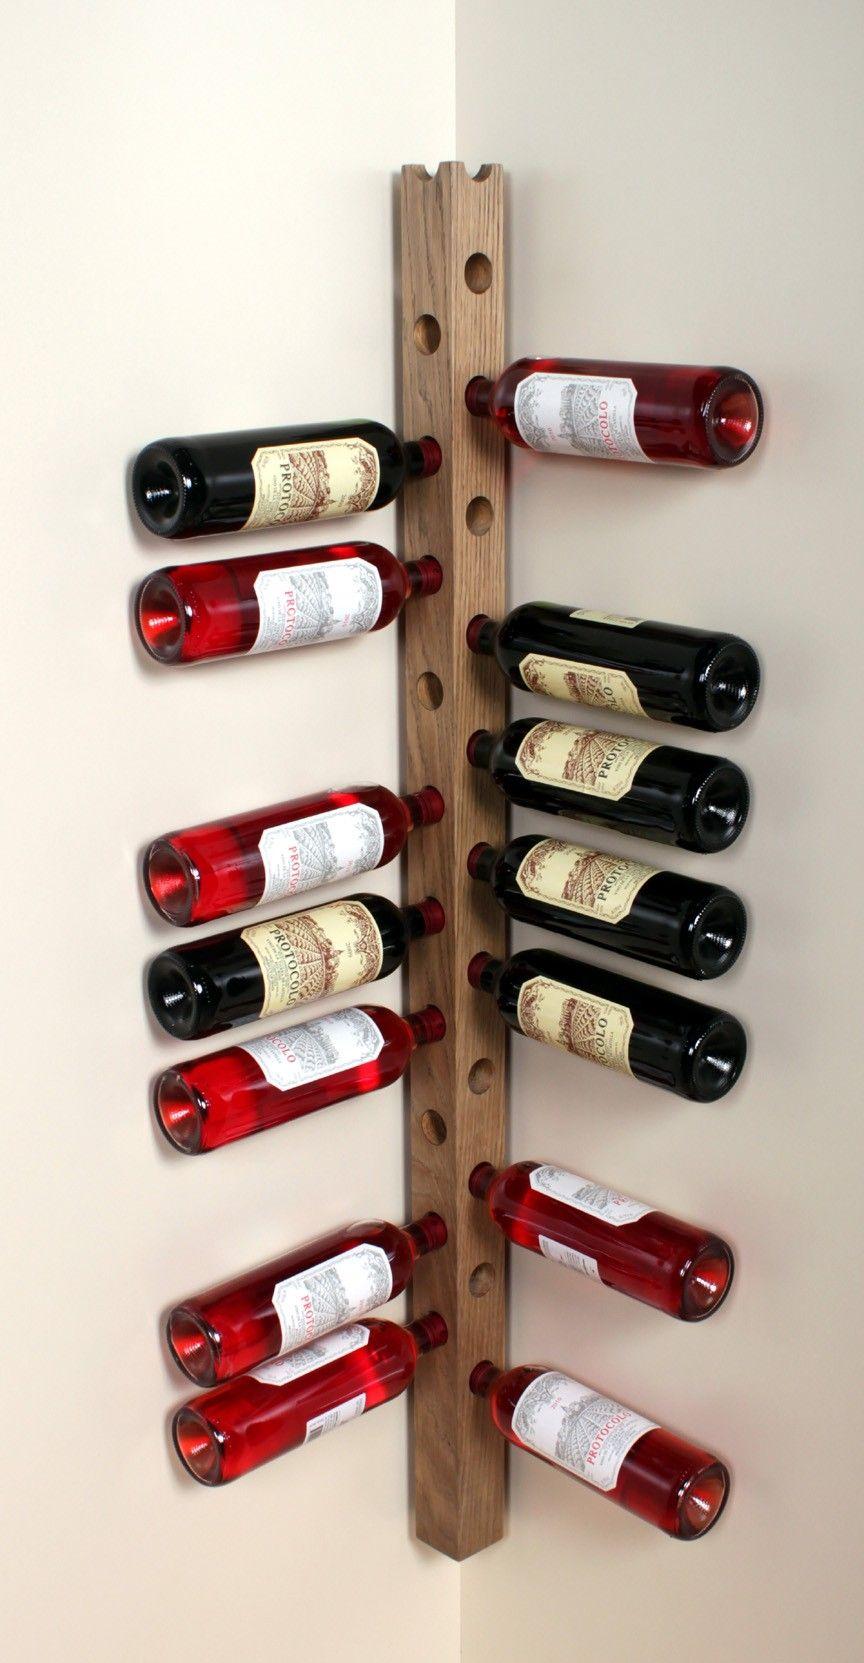 Full Size of Wine Staff Vinhaven Storage Weinregal Holz Altholz Esstisch Rustikal Holzfliesen Bad Wandsprüche Wandtatoo Küche Regal Massivholz Wandtattoos Schlafzimmer Wohnzimmer Weinregal Holz Wand